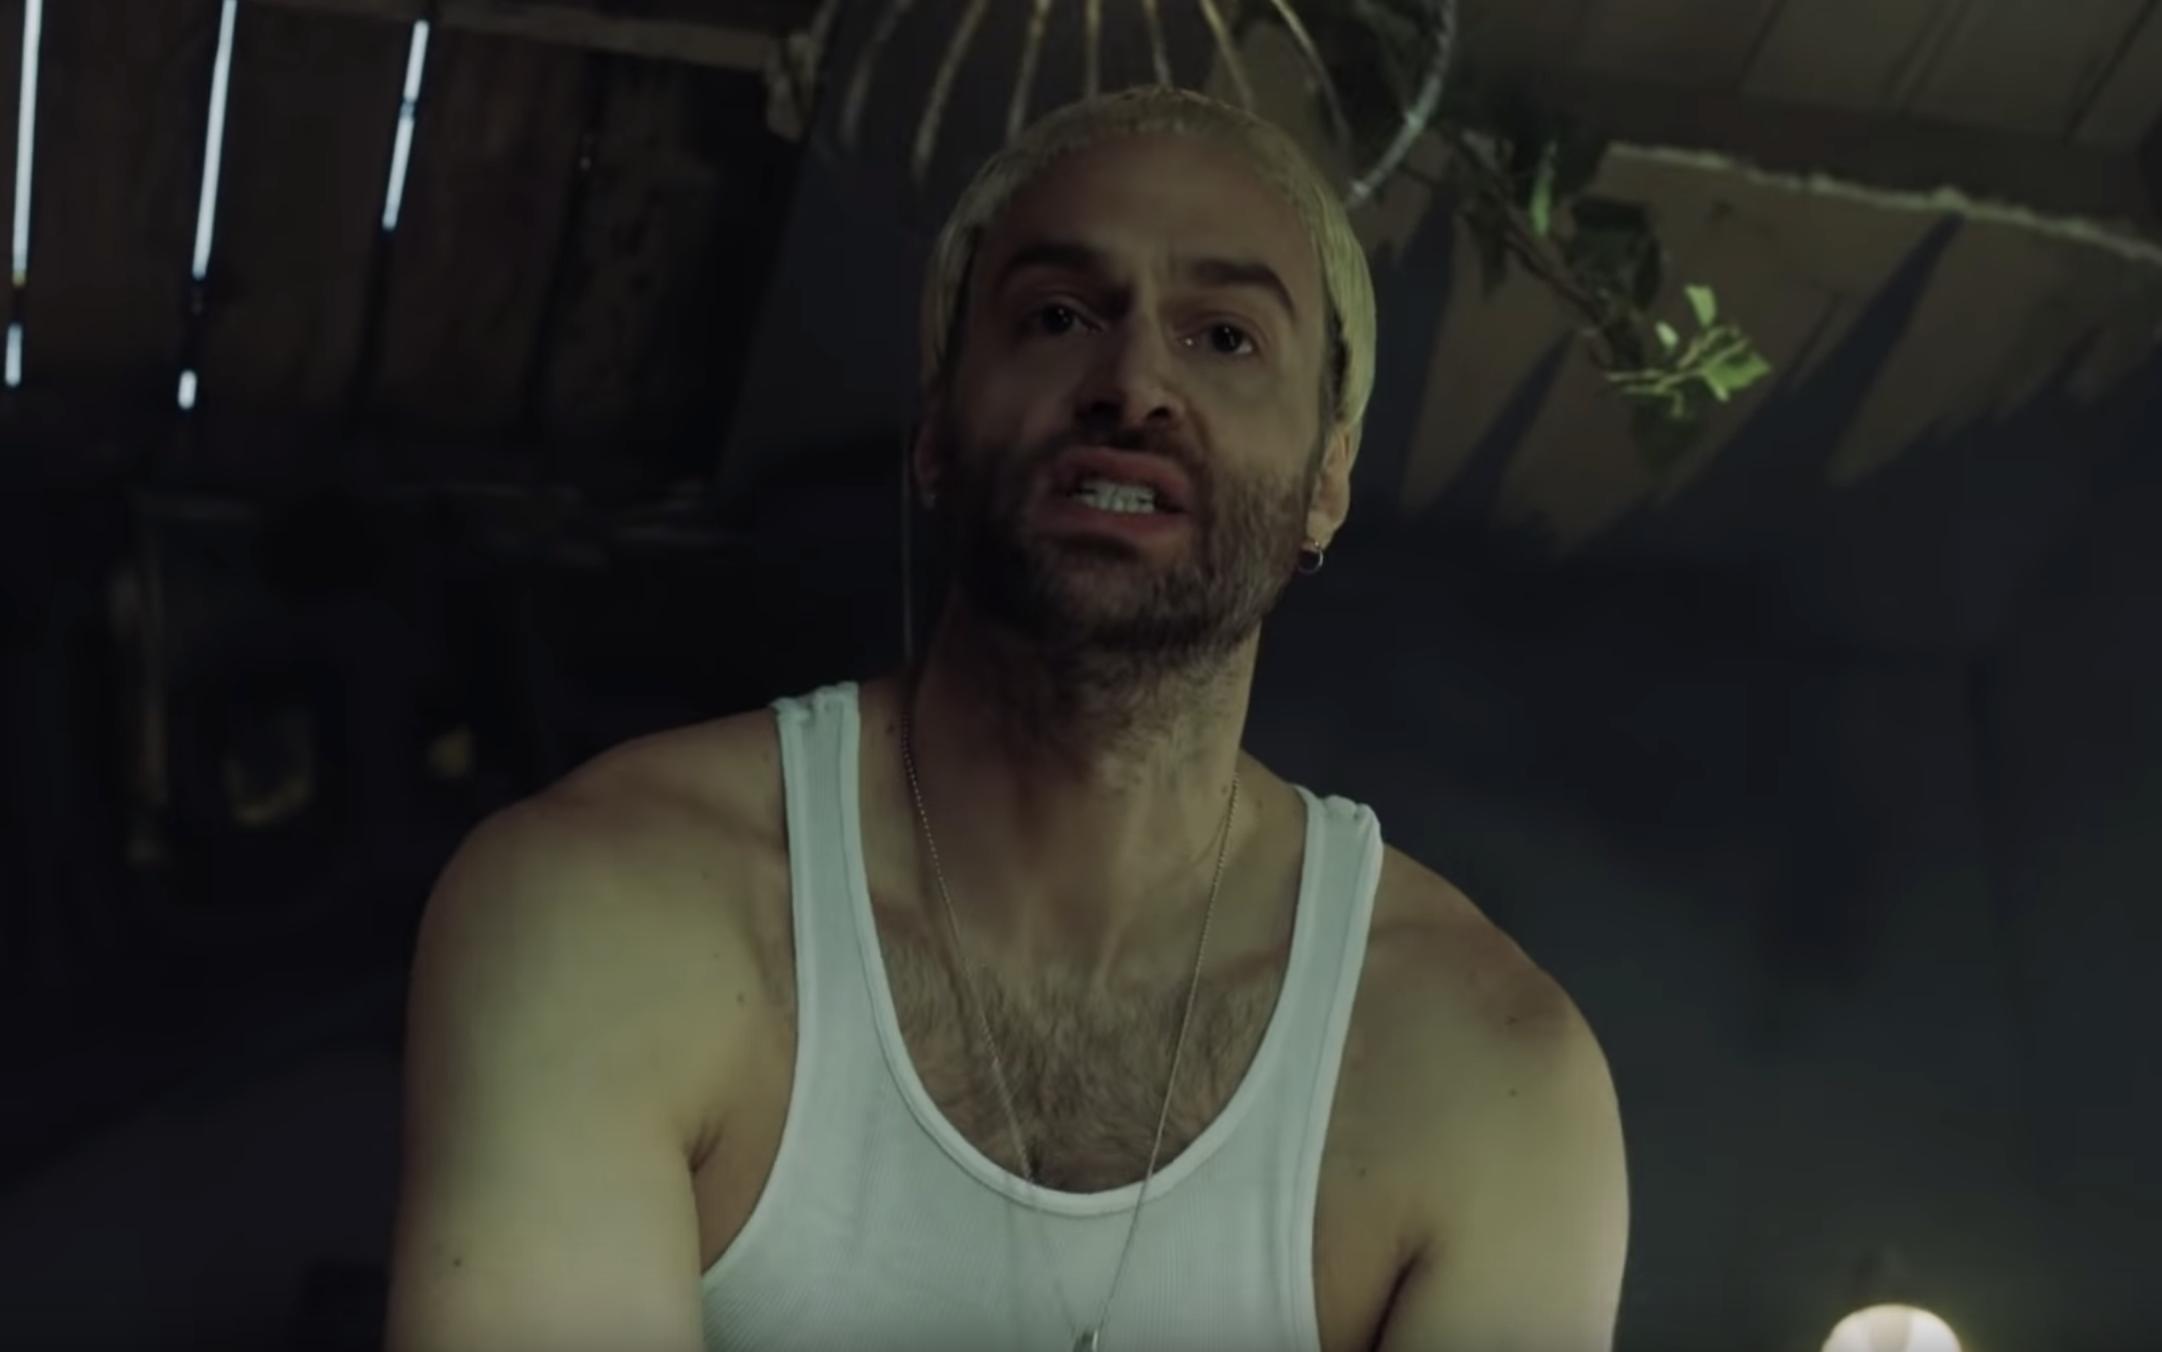 Watch Logic, Eminem Recruit Famous Stunt Doubles for